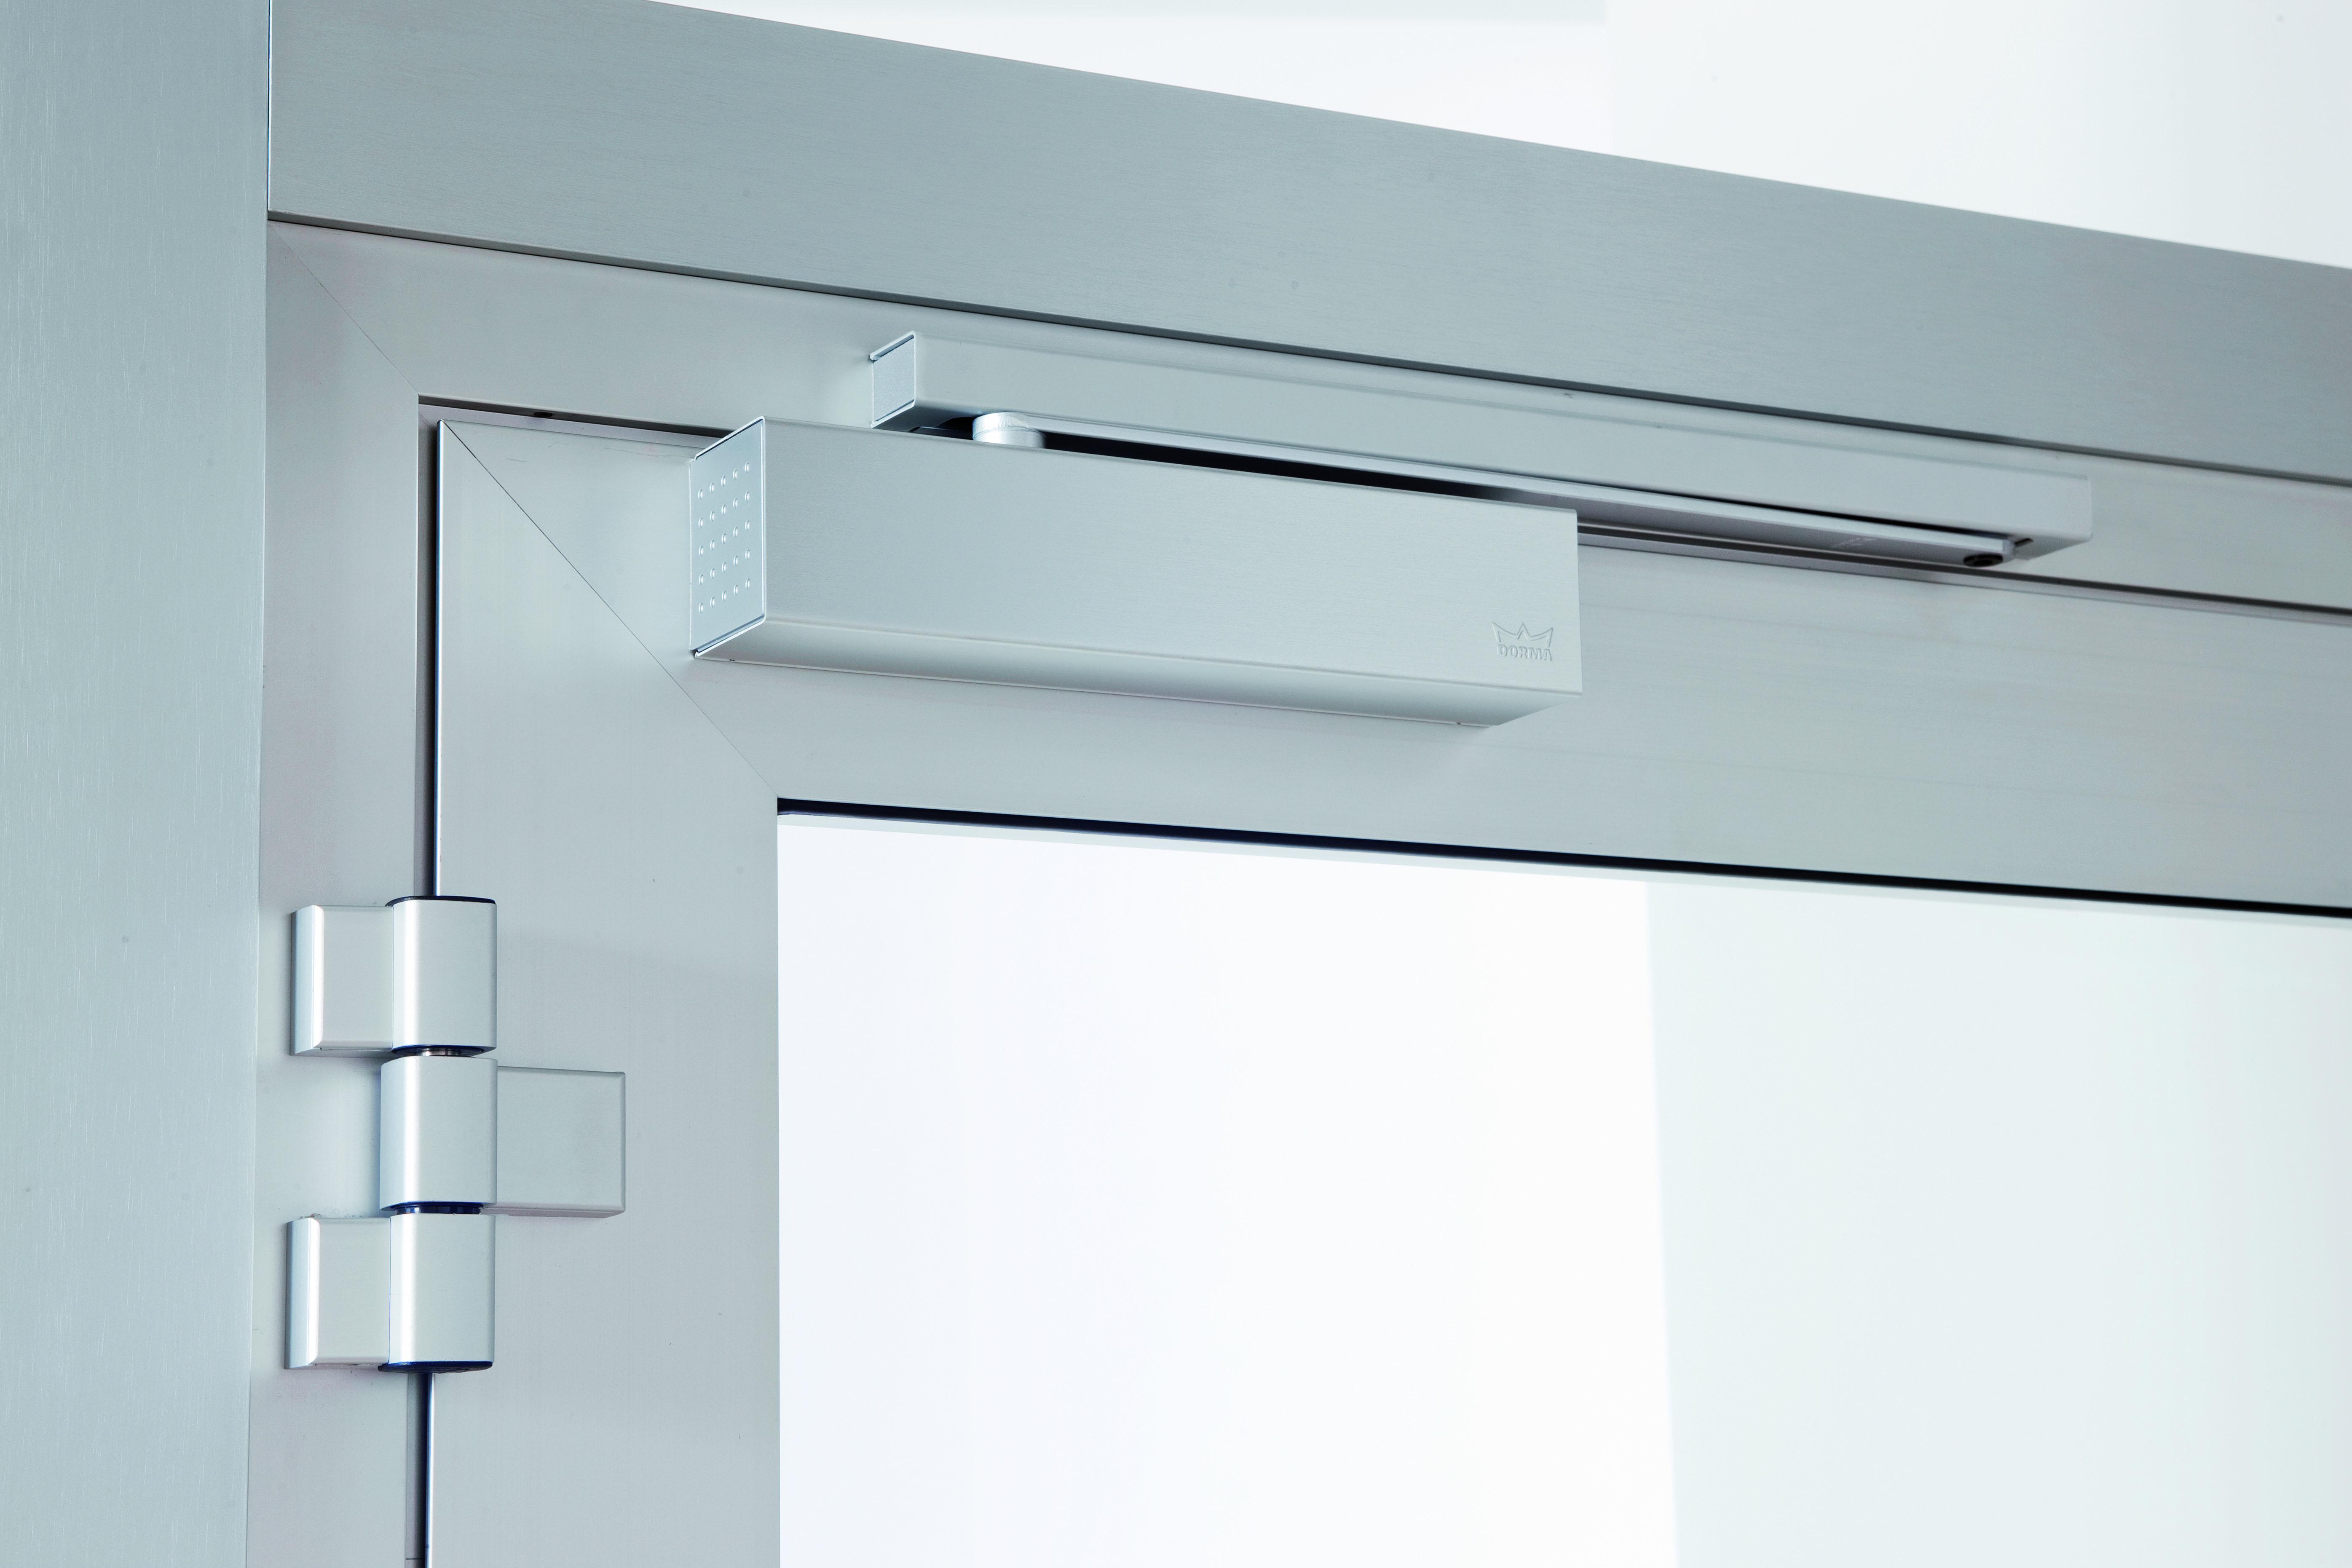 Fermeporte Et Pivot De Sol Disponible Chez Lock Security - Ferme porte automatique